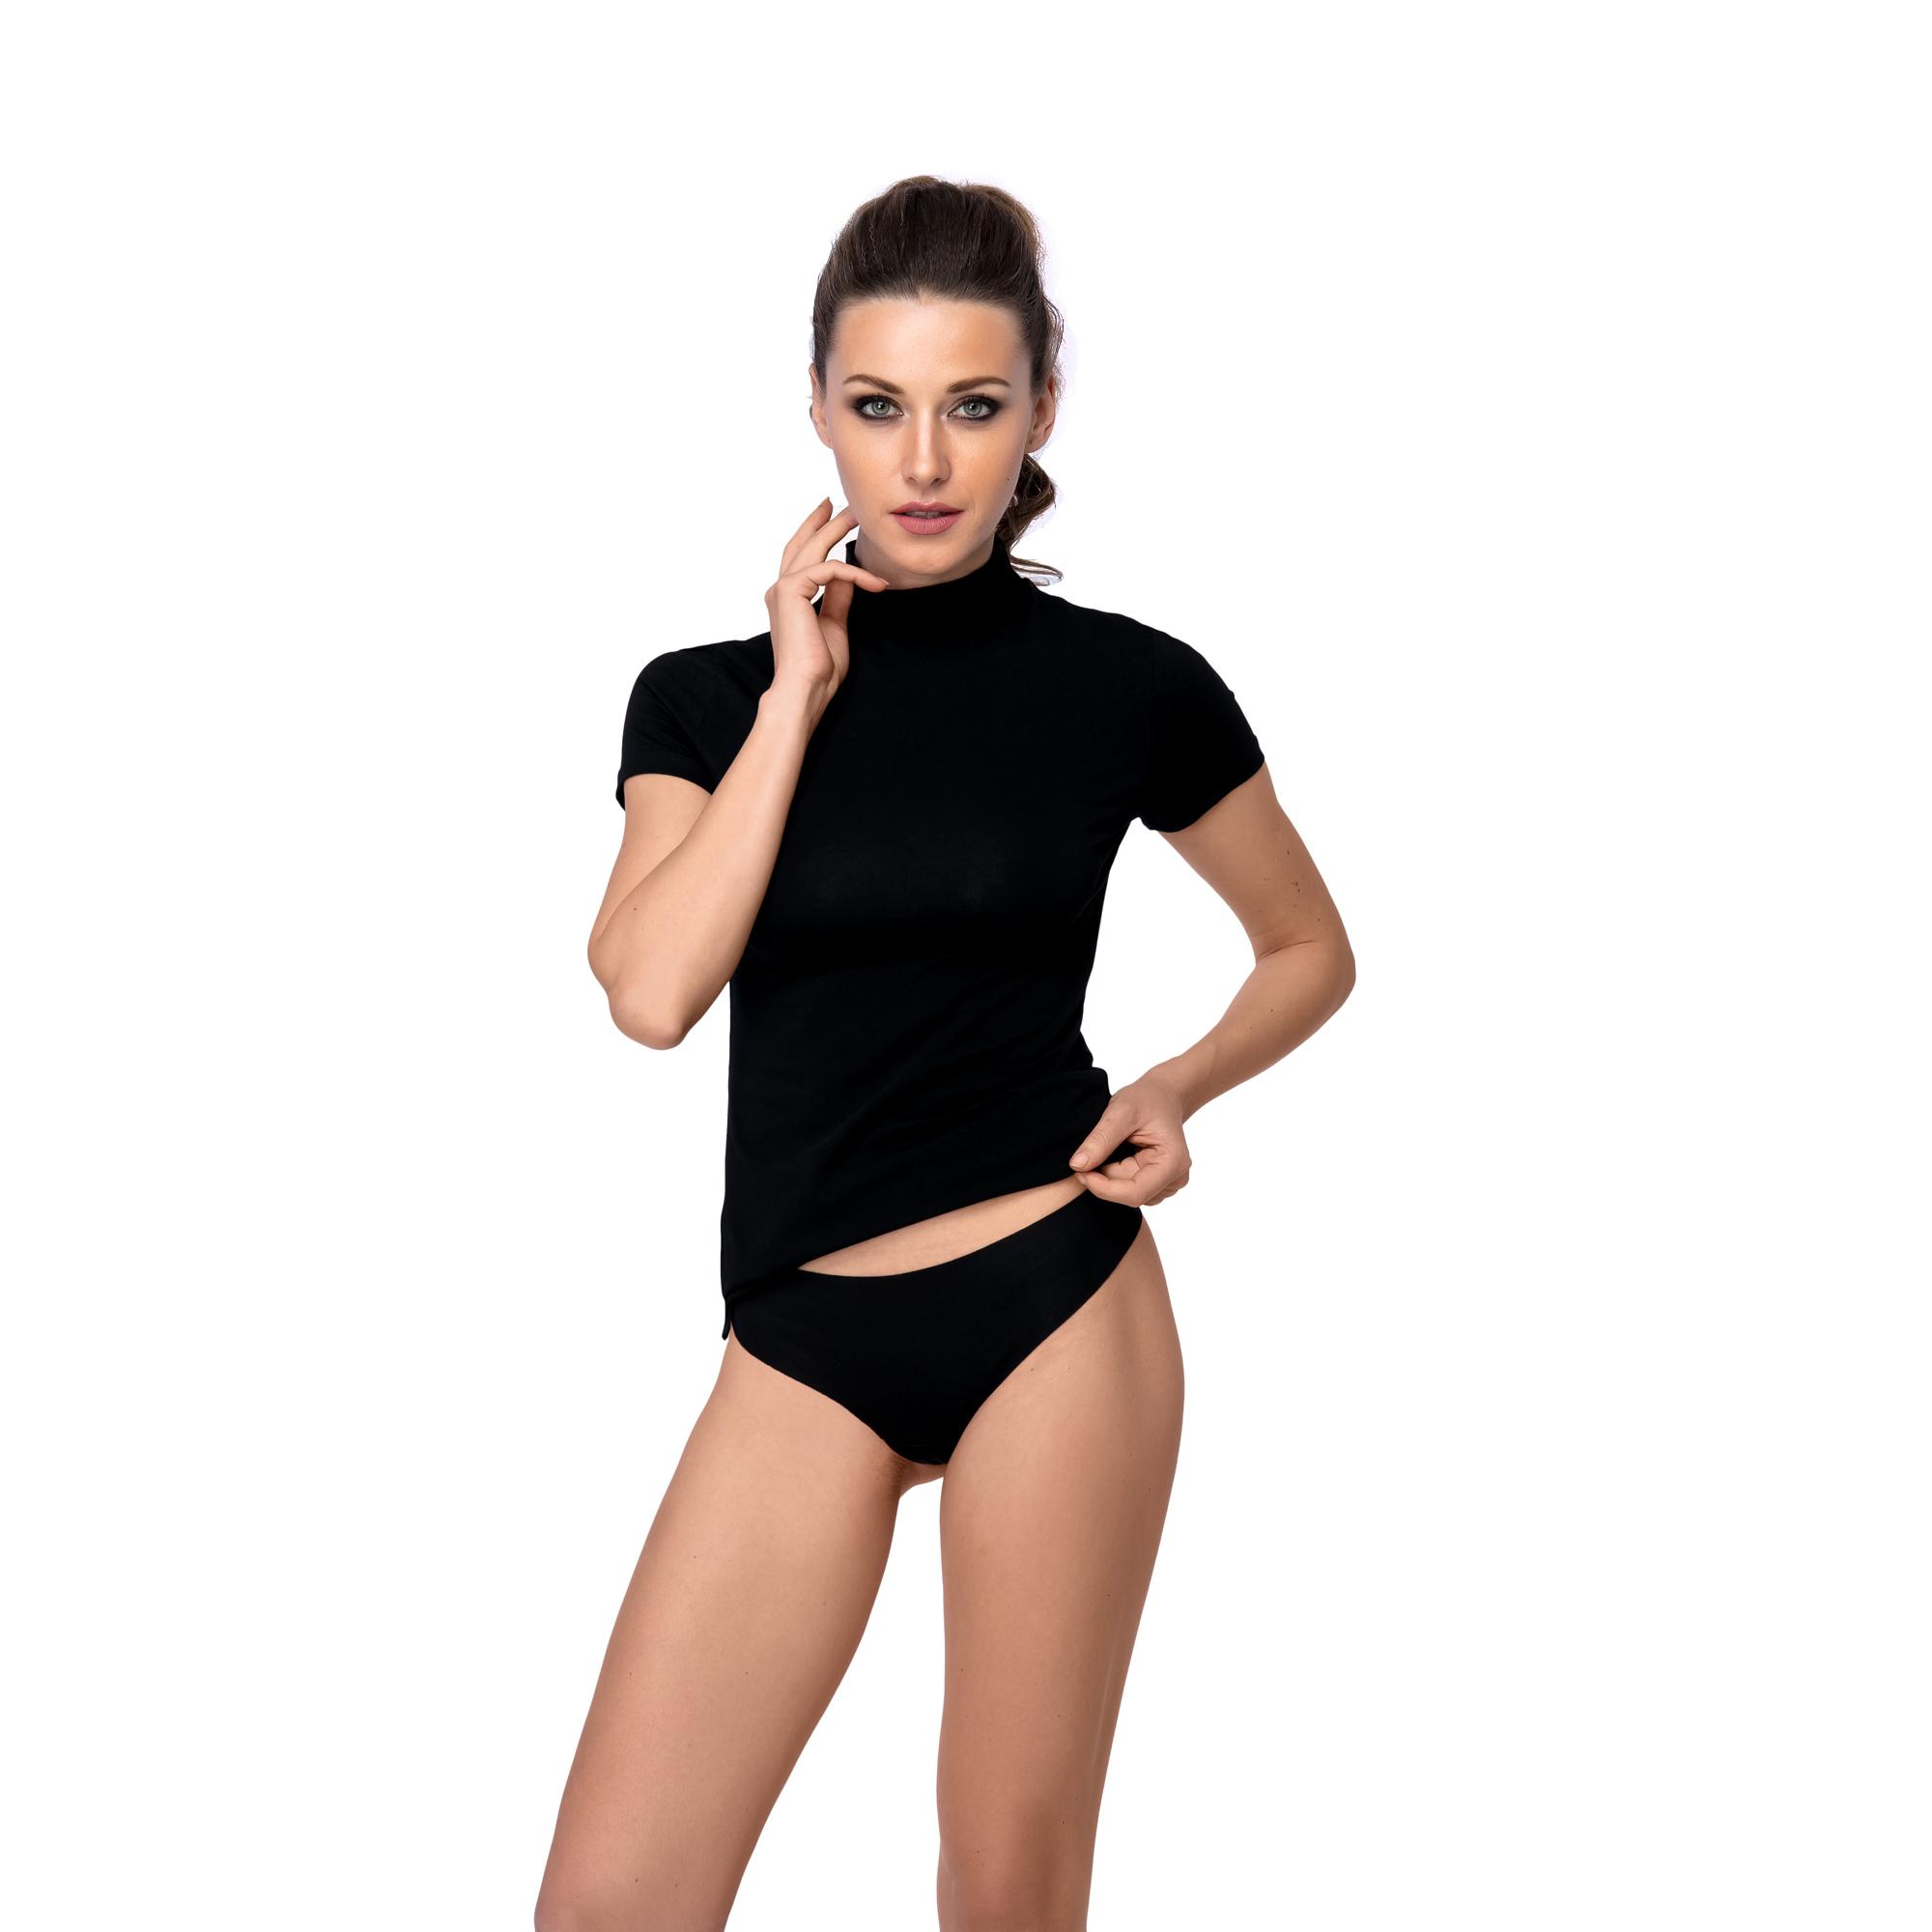 Трусики женские спортивные стринги из хлопка (42, черный)